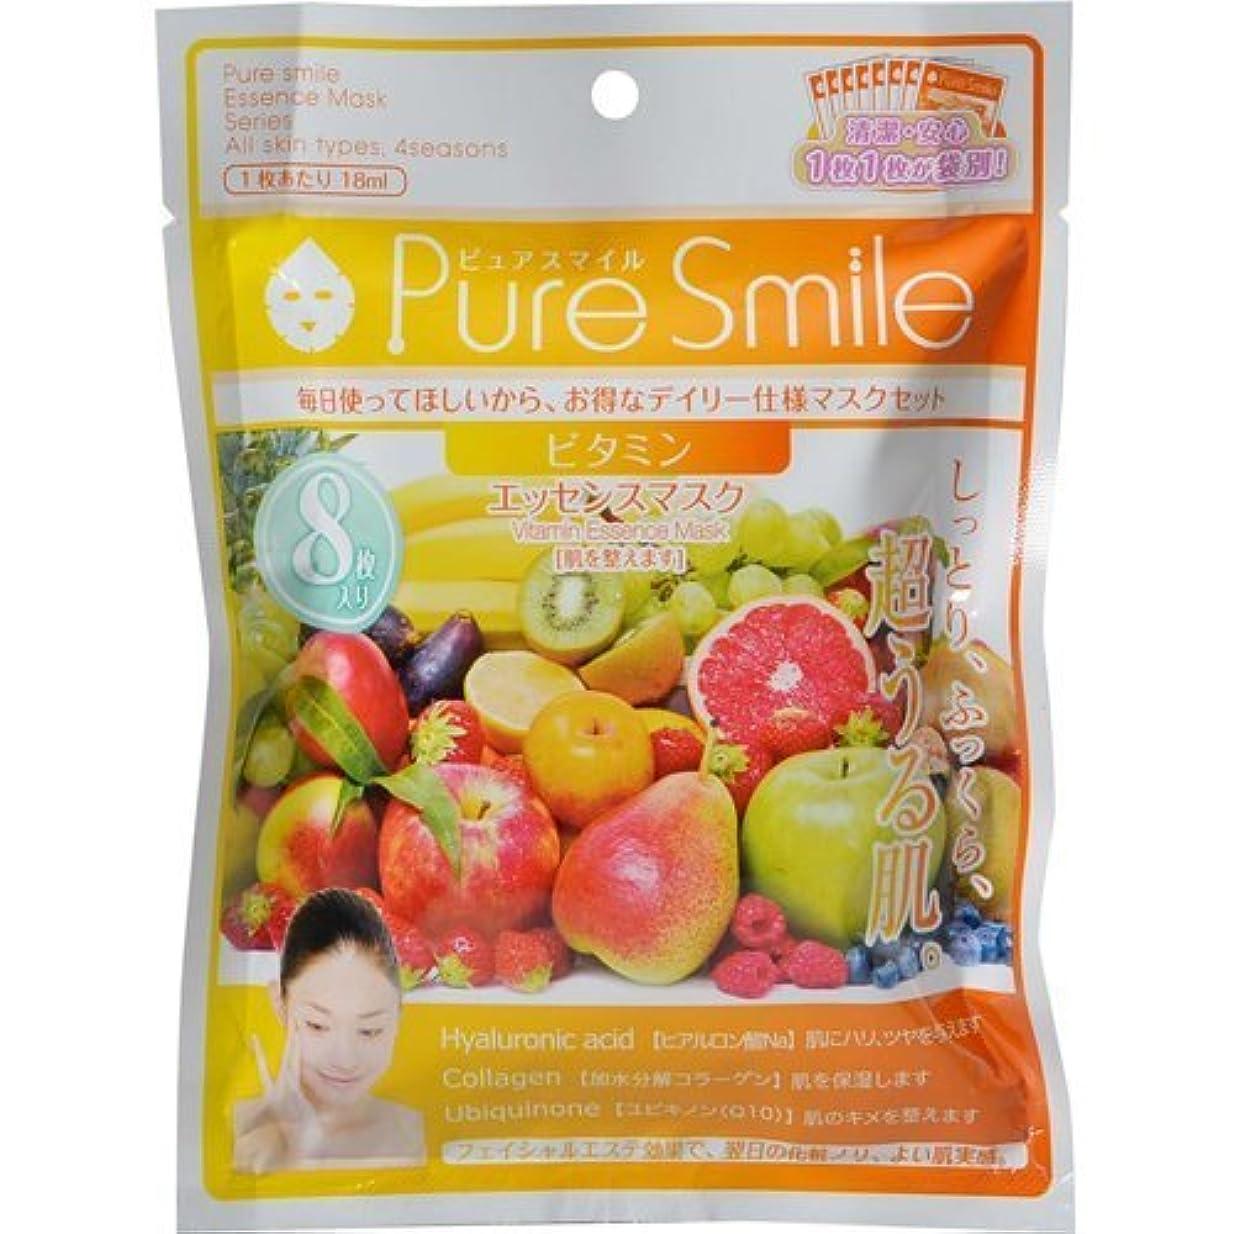 モジュール静かに検索Pure Smile エッセンスマスク8枚セット ビタミン 8枚